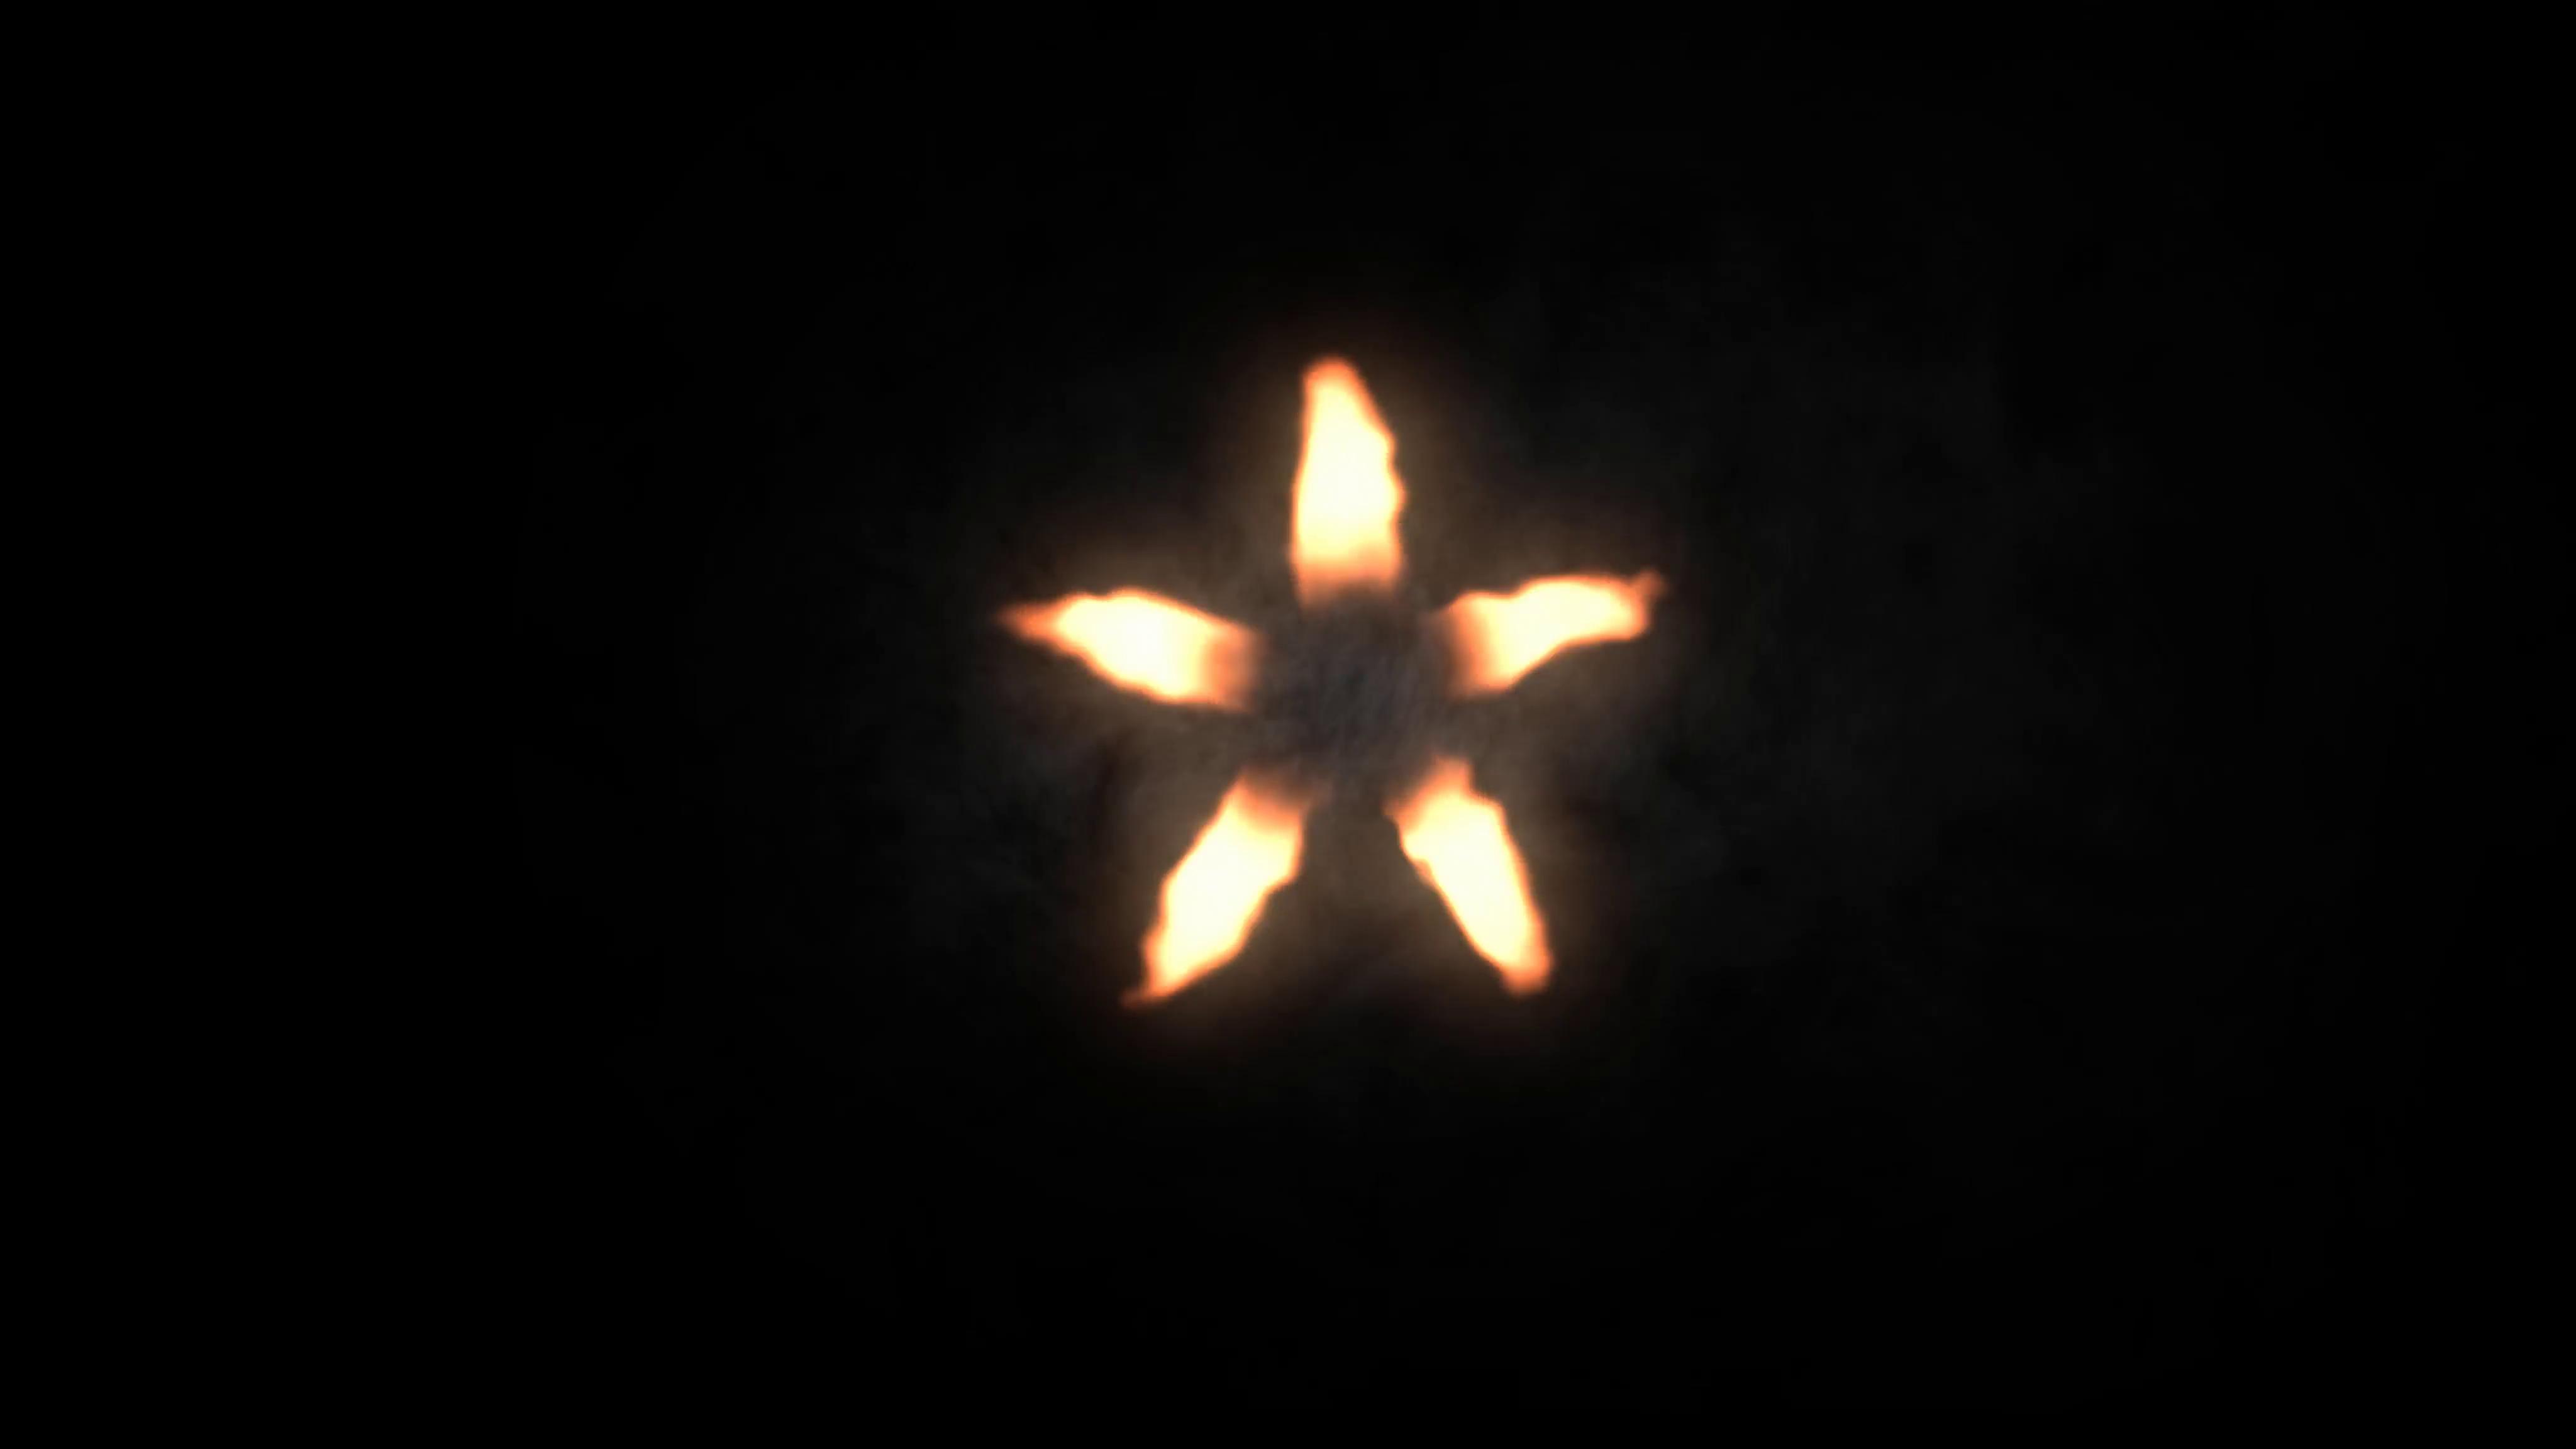 muzzle flare/flash star shape 4K Motion Background.